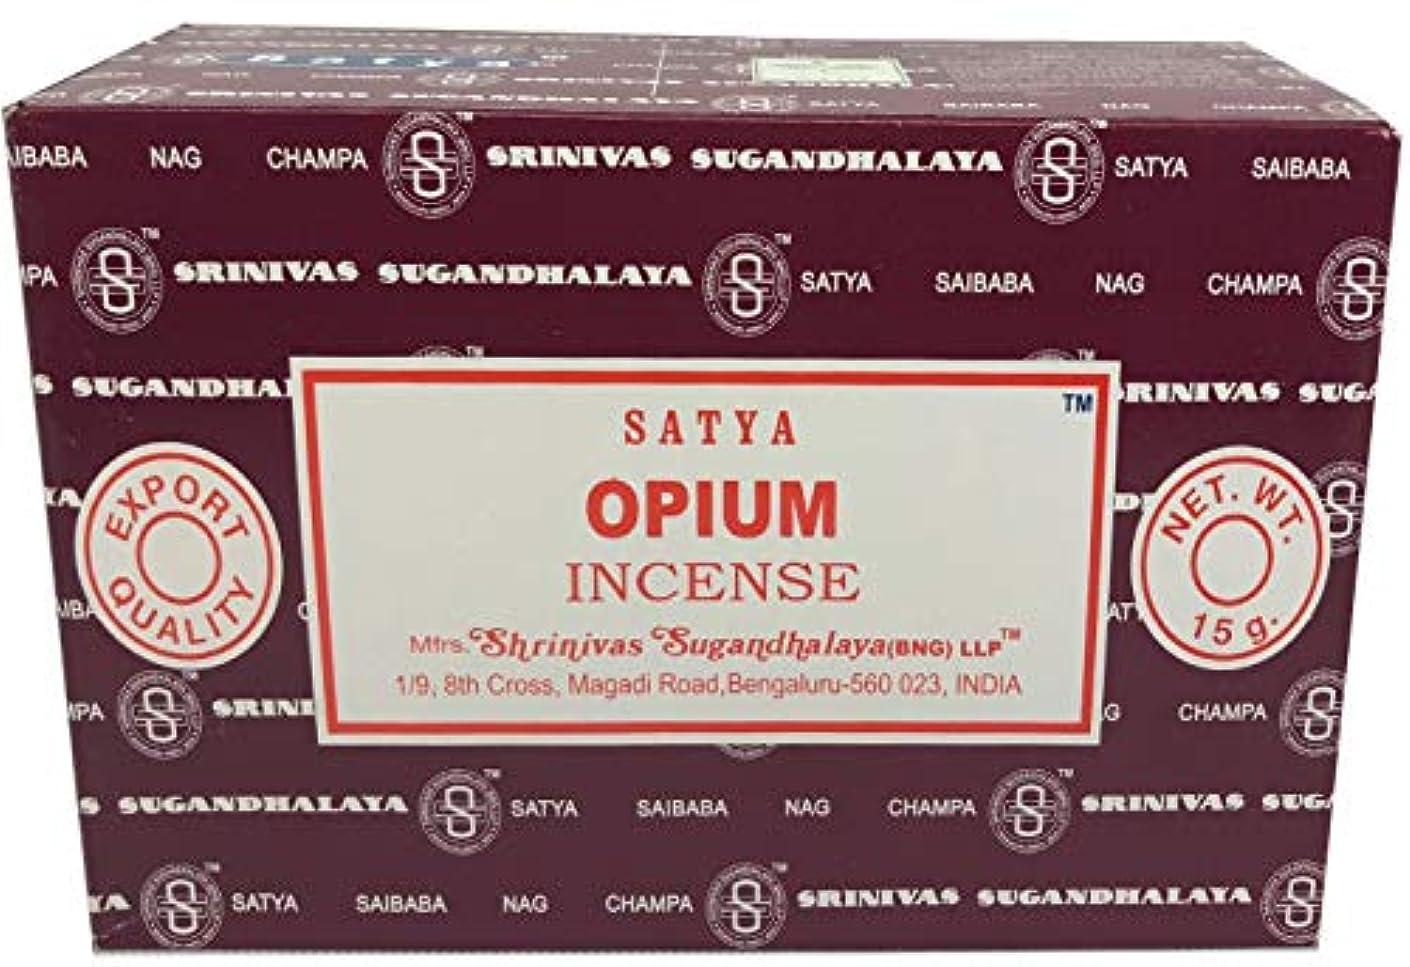 住む人種第Satya Sai Baba Nag Champa - オピウム お香スティック ボックス - 12個パック (15グラム)